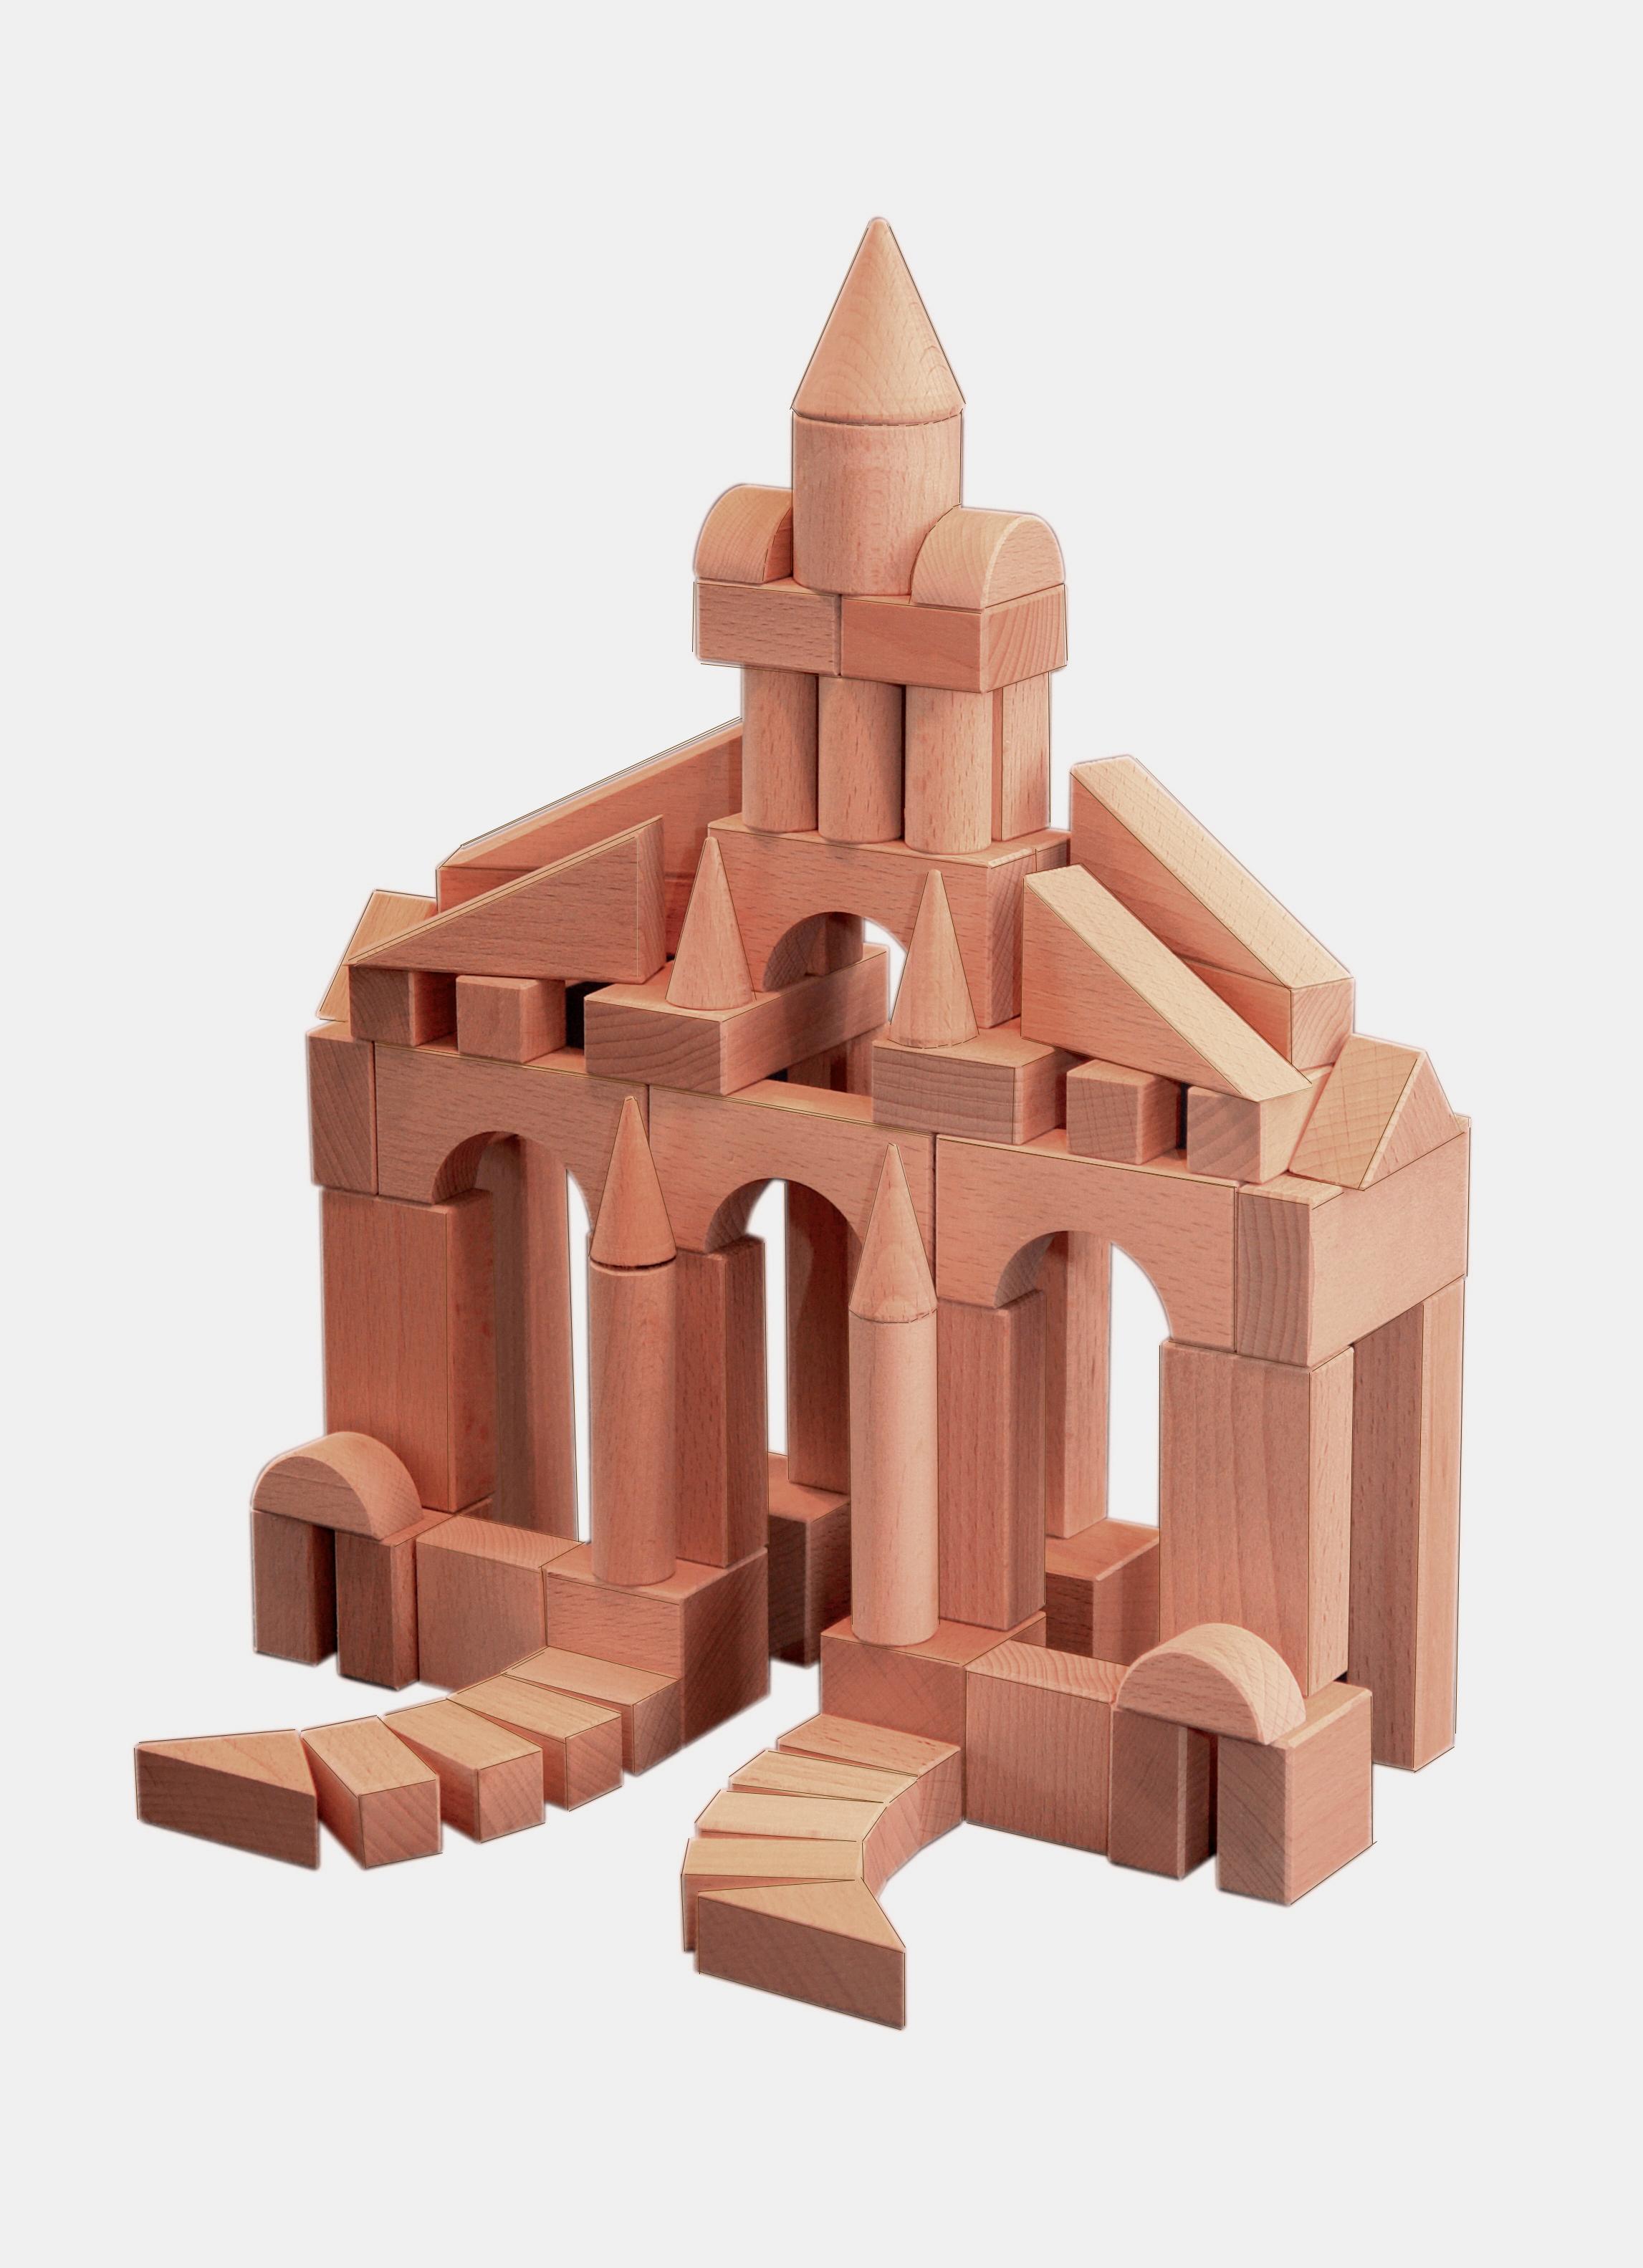 Конструктор деревянный, 70 деталейДеревянный конструктор<br>Конструктор деревянный, 70 деталей<br>